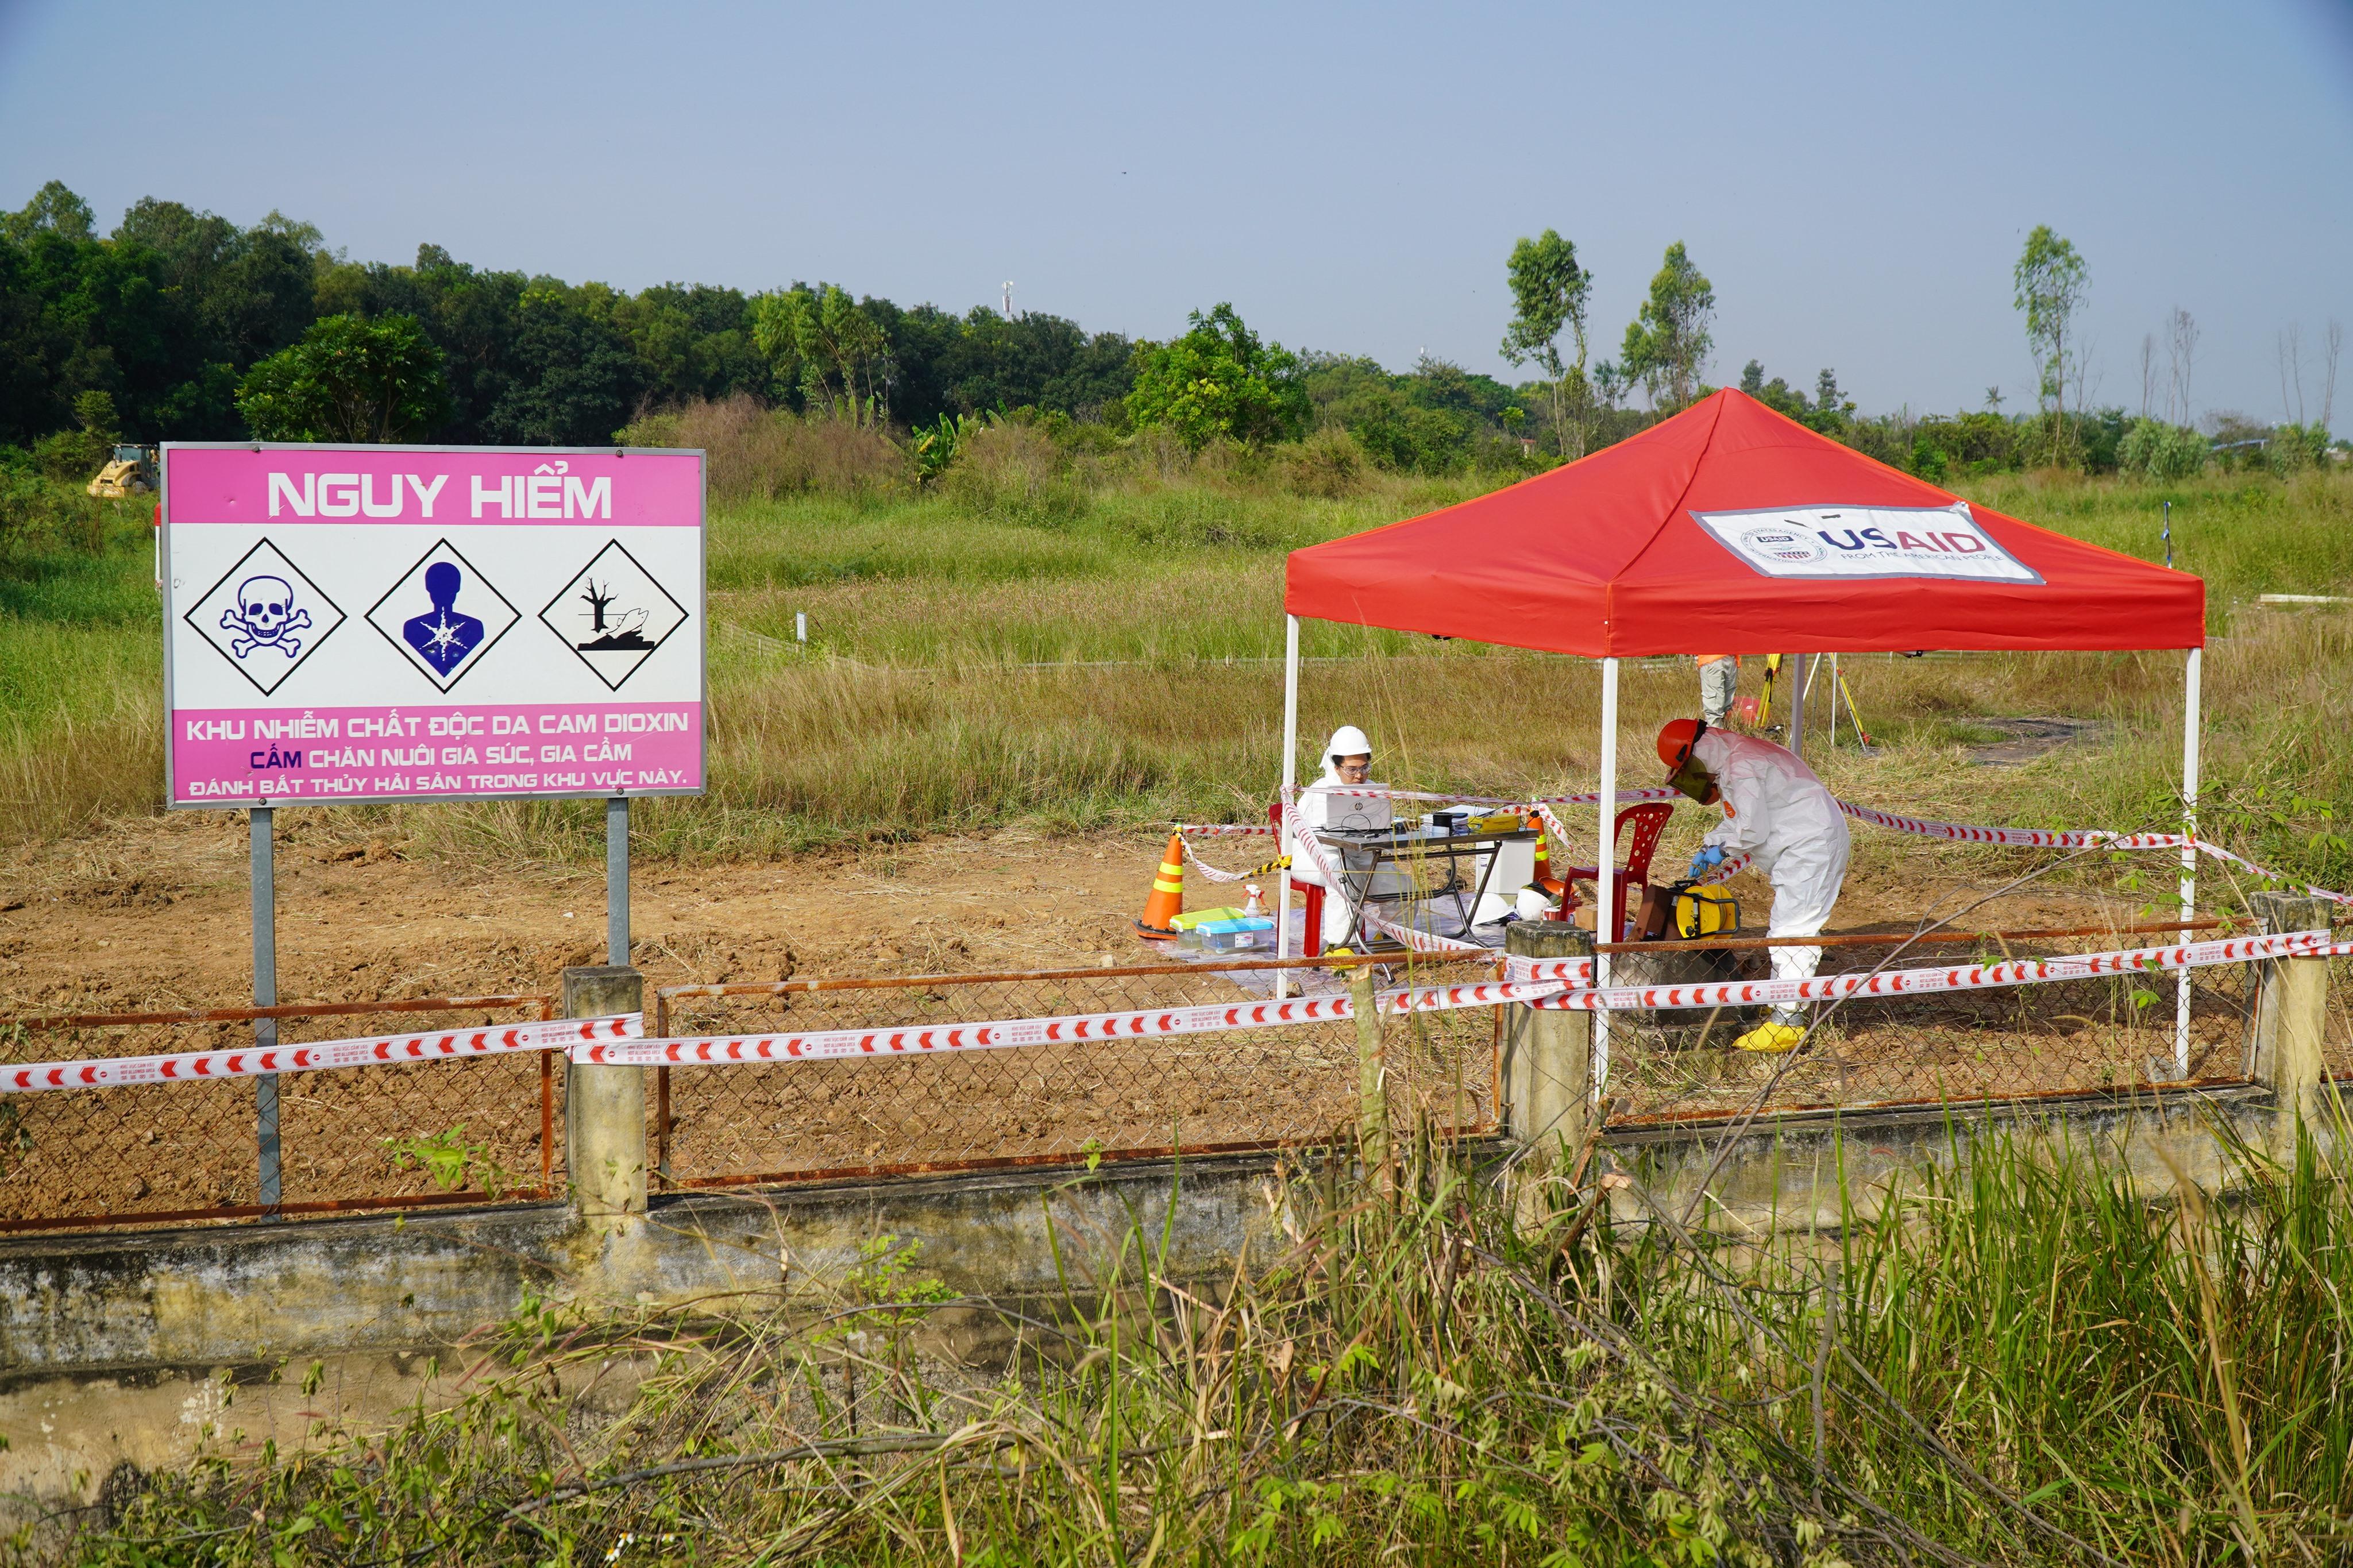 Mỹ xử lý 500.000 m3 đất nhiễm dioxin sân bay Biên Hòa